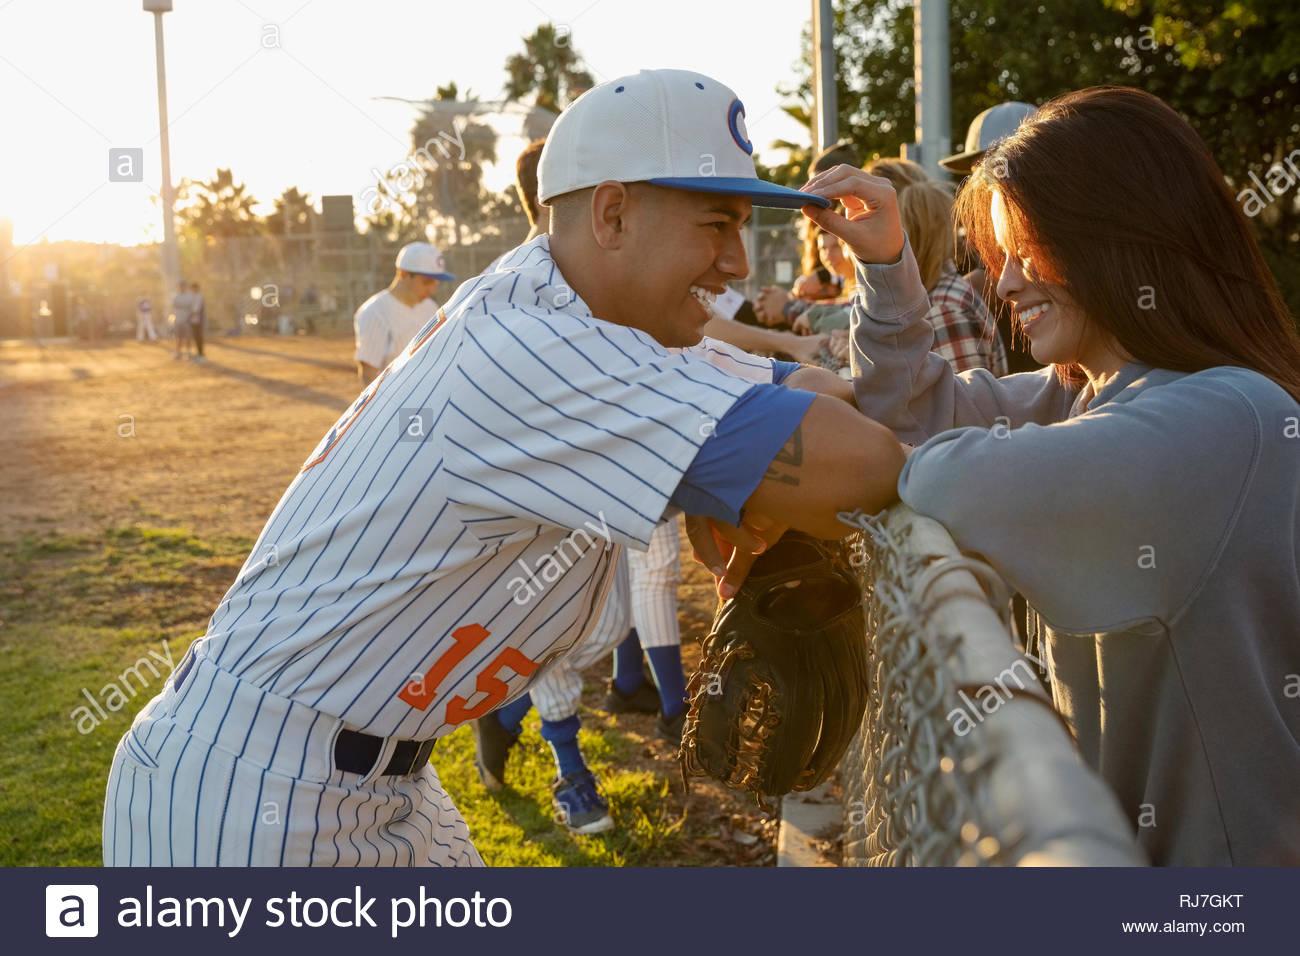 Joueur de baseball Latinx heureux de parler avec ma copine à fence Photo Stock